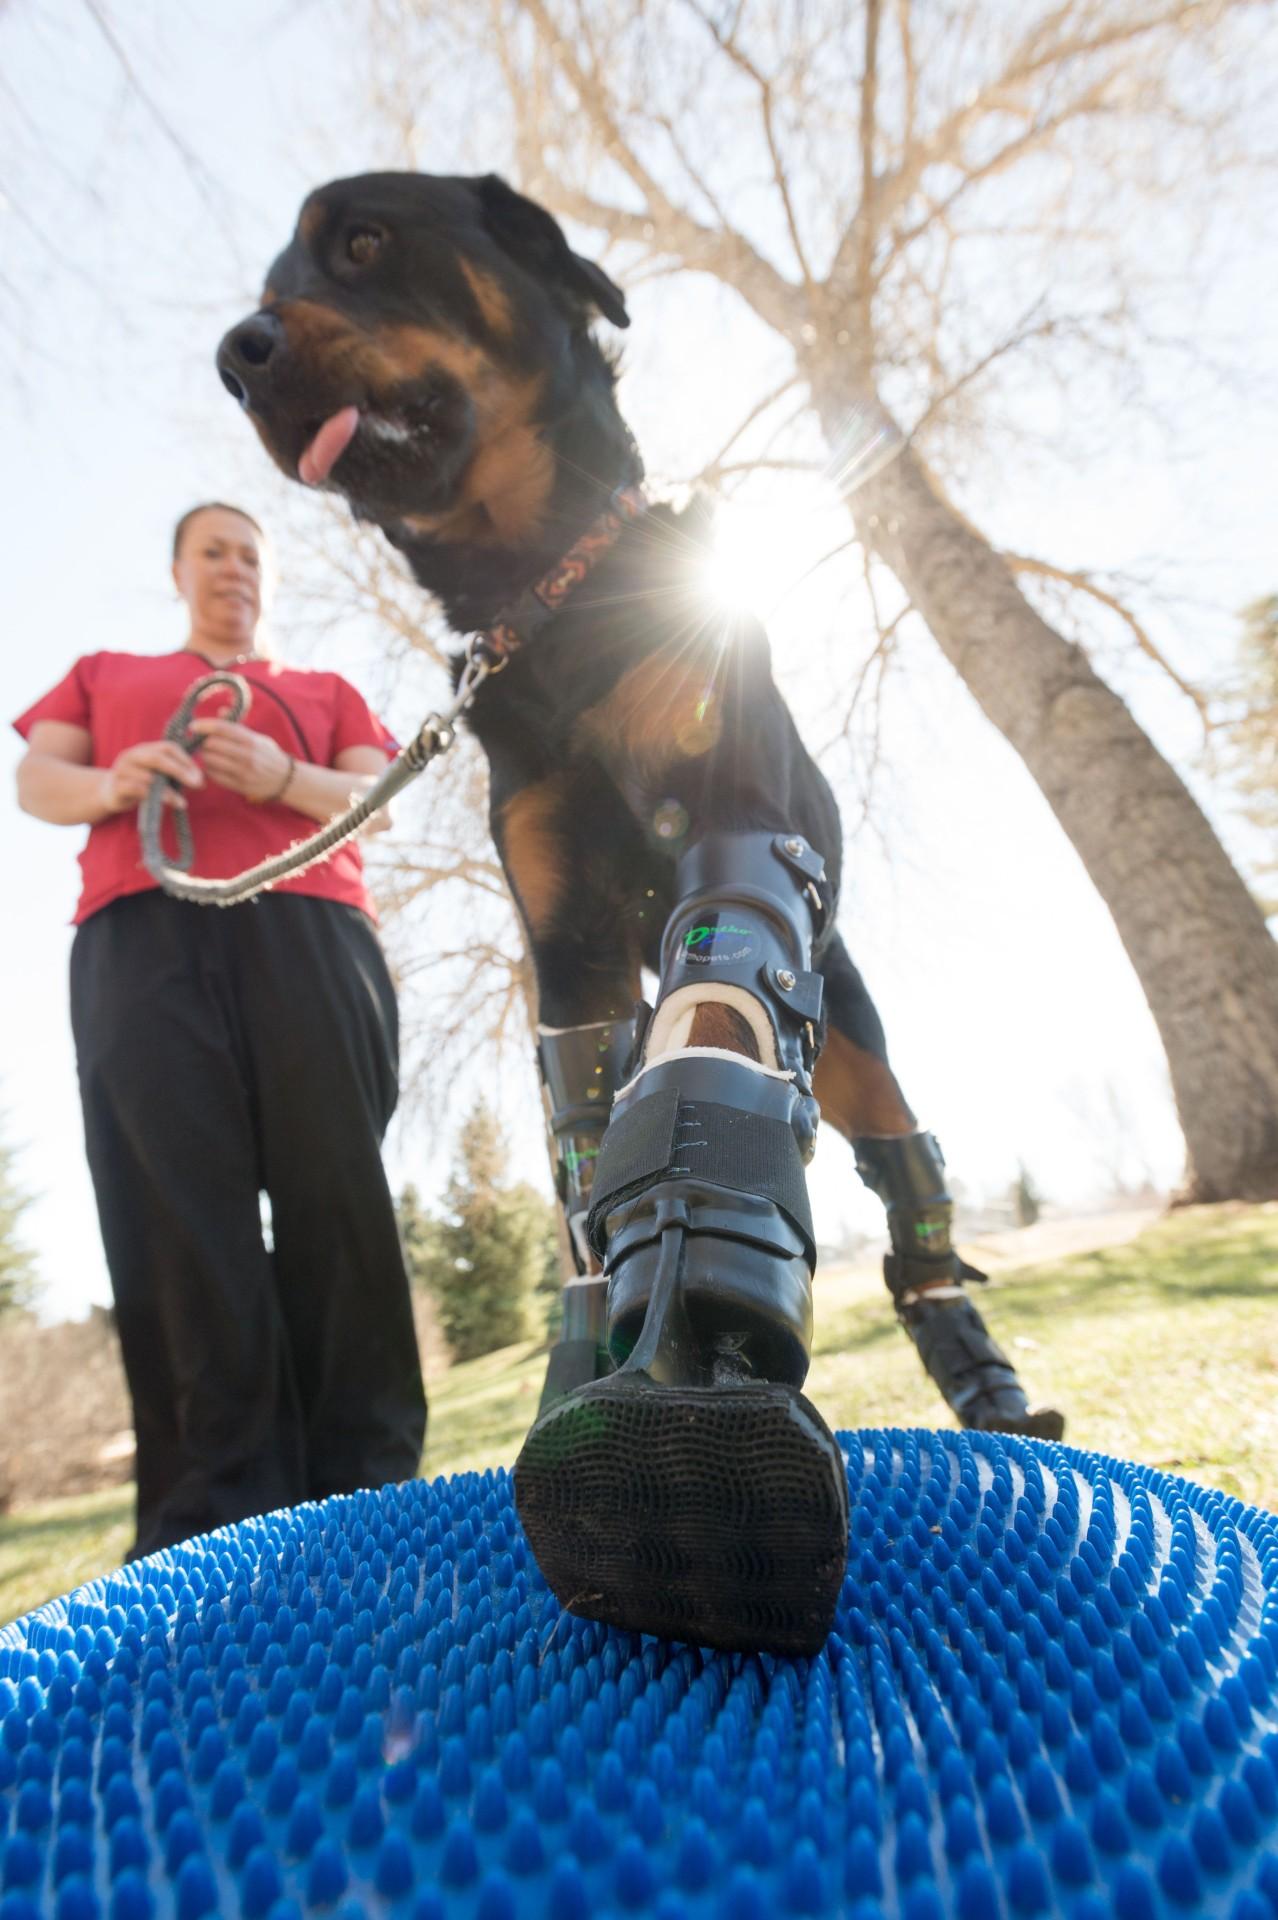 БРУТальная история со счастливым концом: пес с обмороженными лапами получил современные протезы - 3